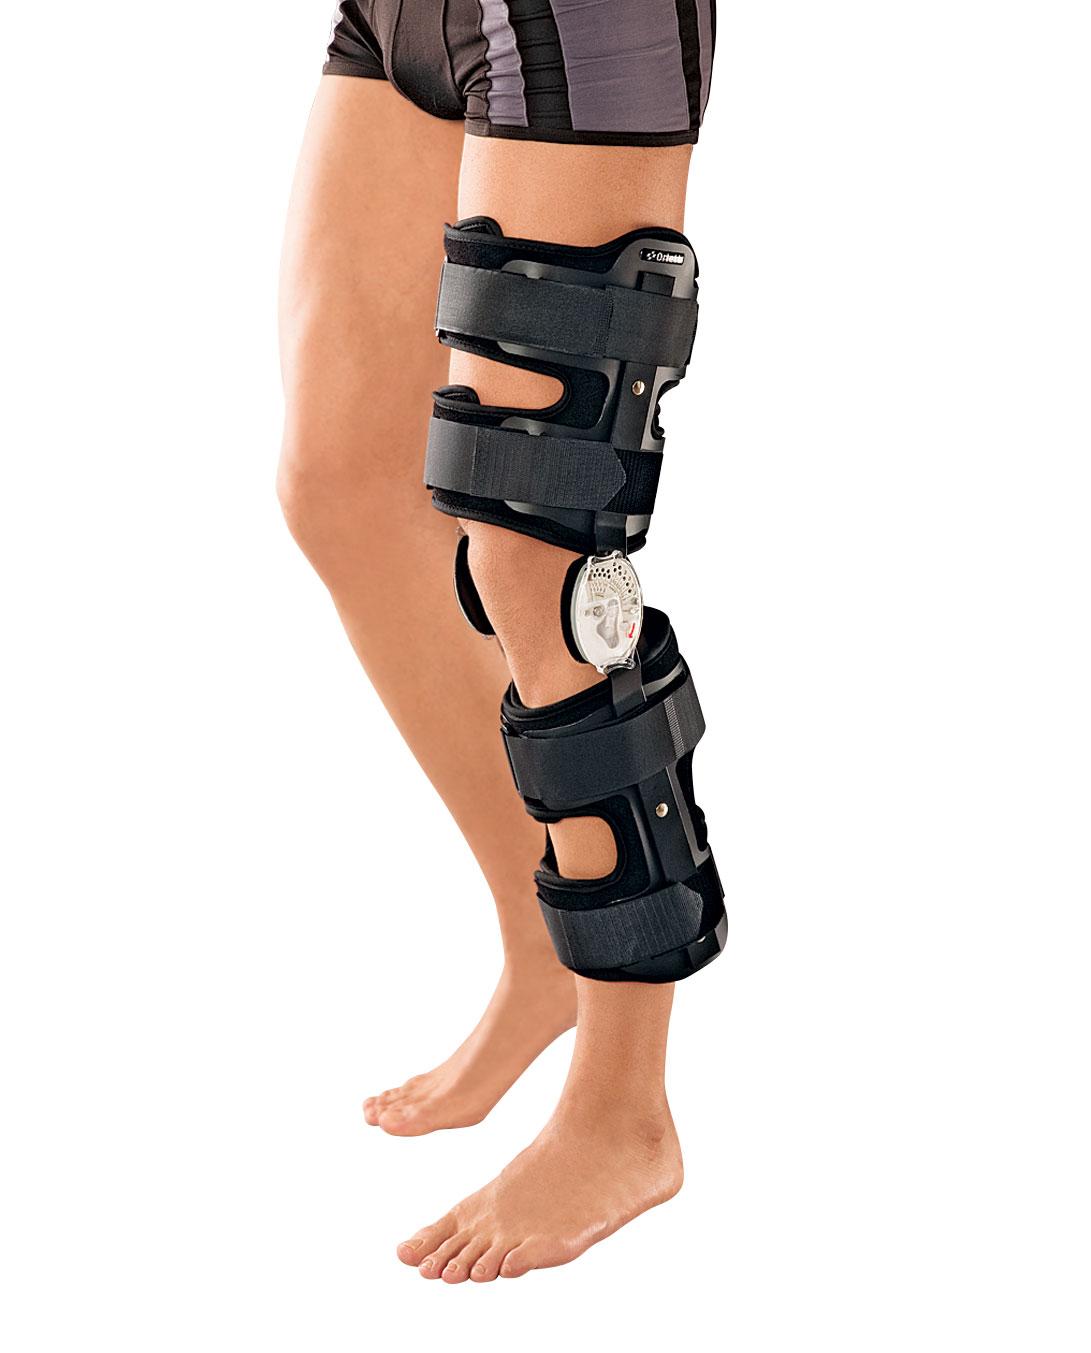 Orto ортез на коленный сустав разрыв сухожилия голеностопного сустава симптомы